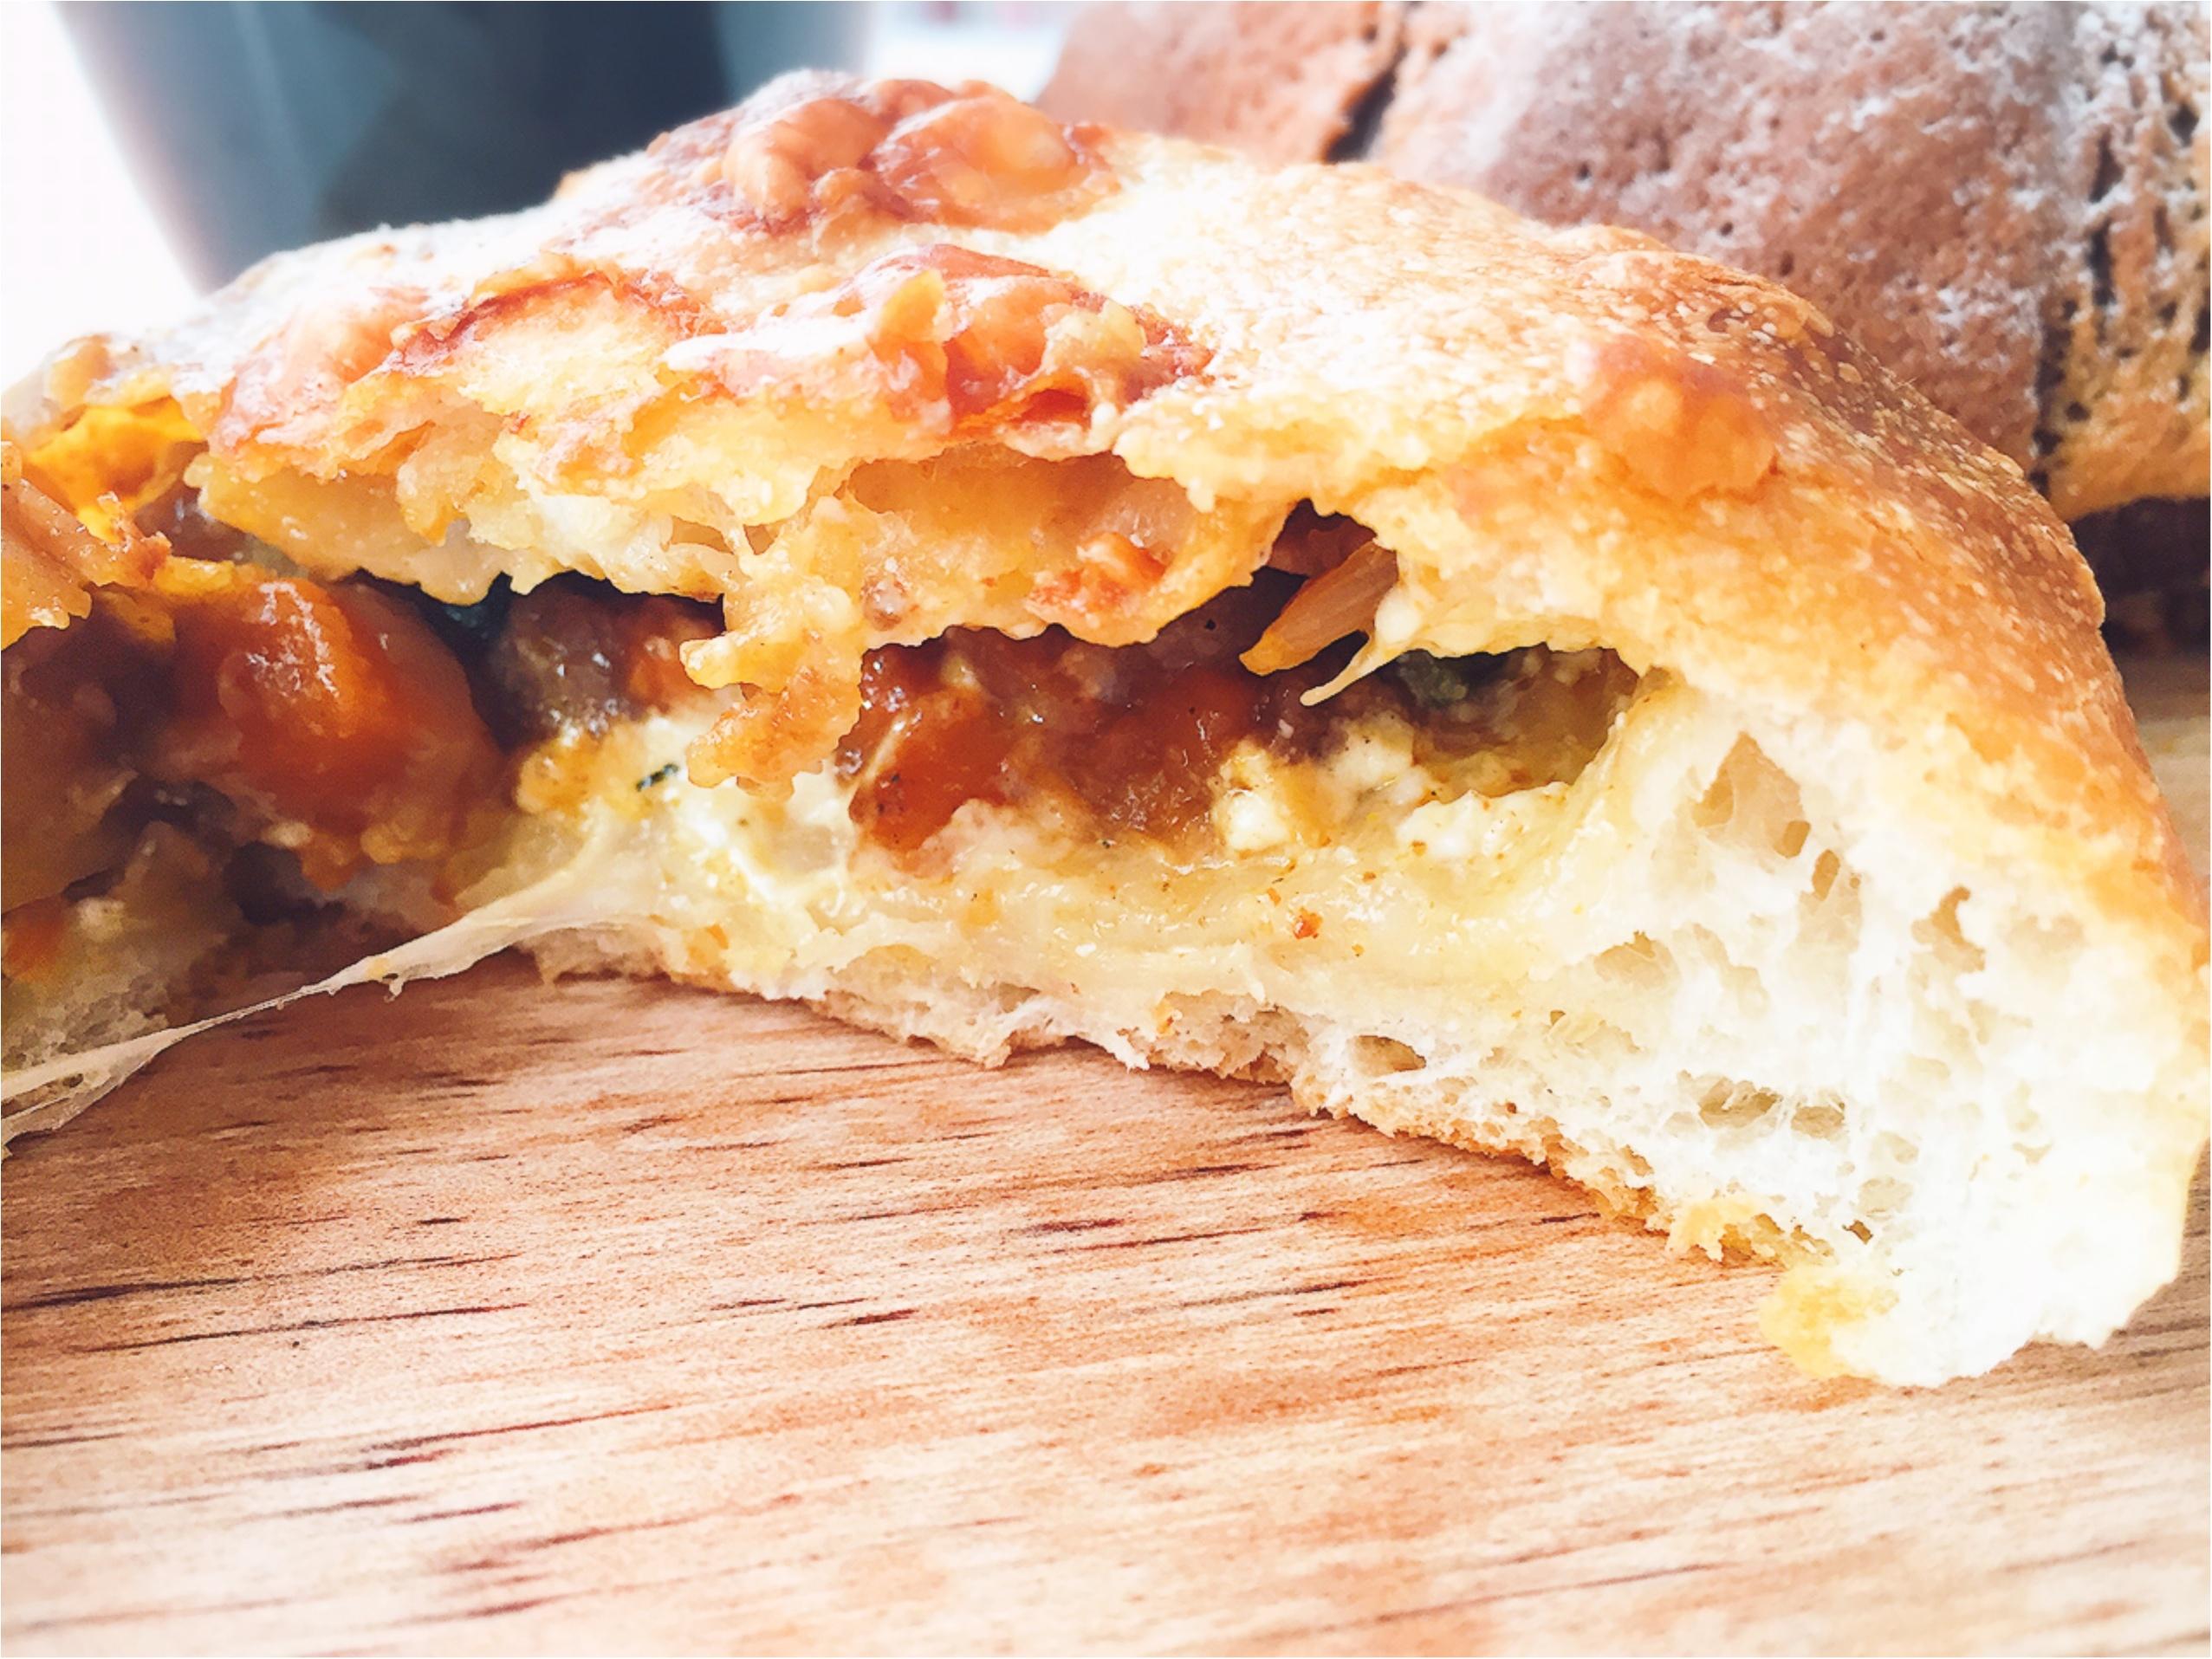 東京の美味しいパン屋巡り〜焼きチーズカレーパンと言えば?〜_4